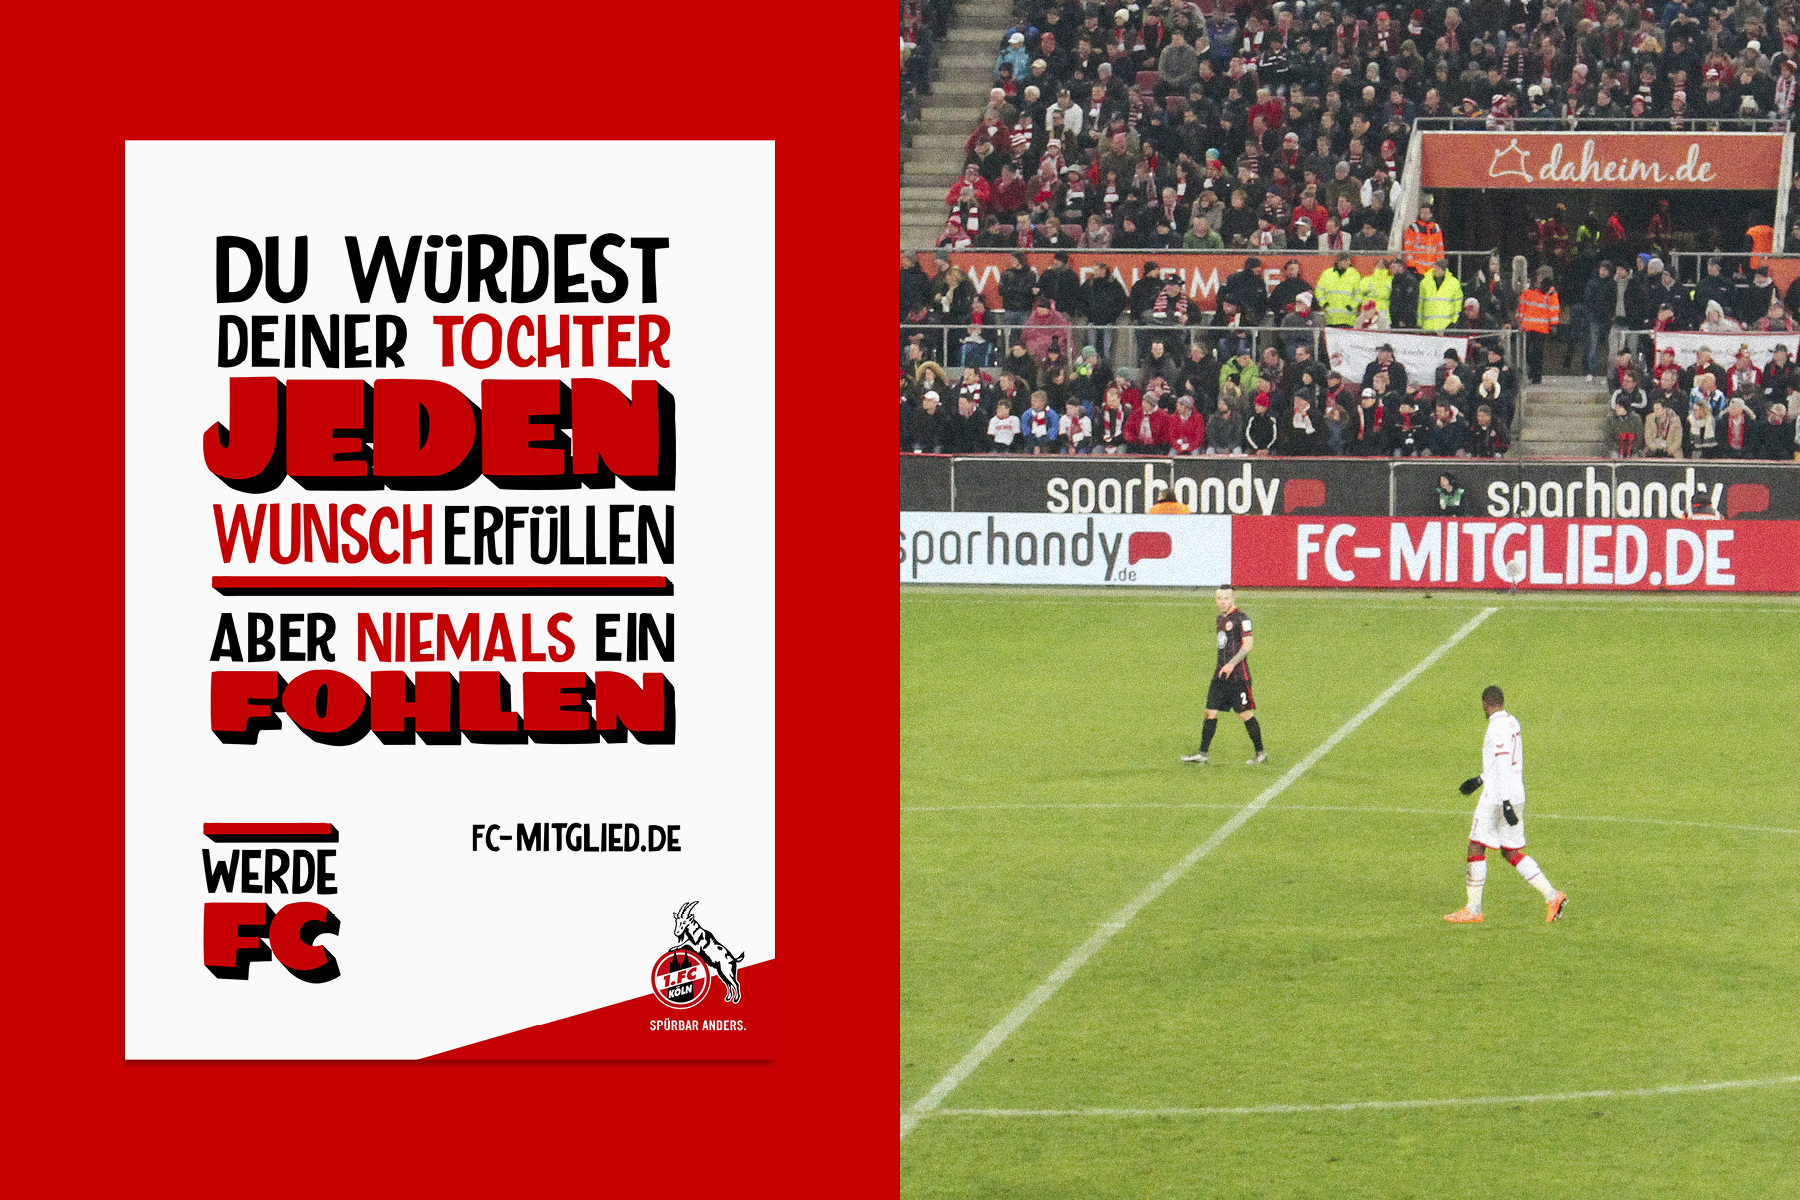 Mitgliederkampagne des 1. FC Köln